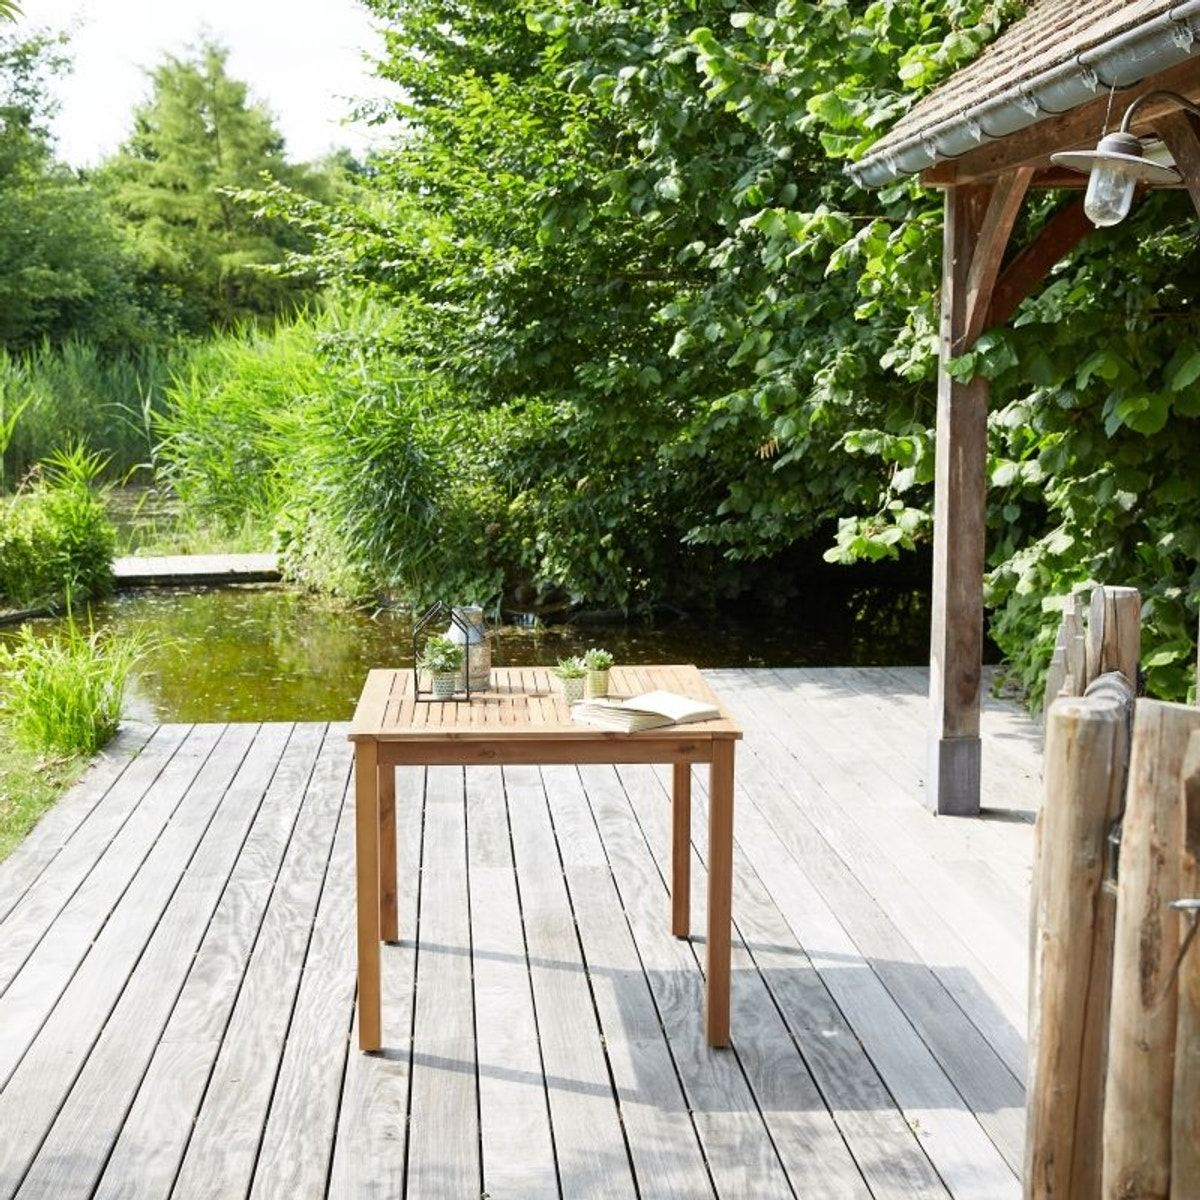 Salon De Jardin Carré En Bois D'acacia Fsc Noir 2 Places ... tout Table De Jardin Carre